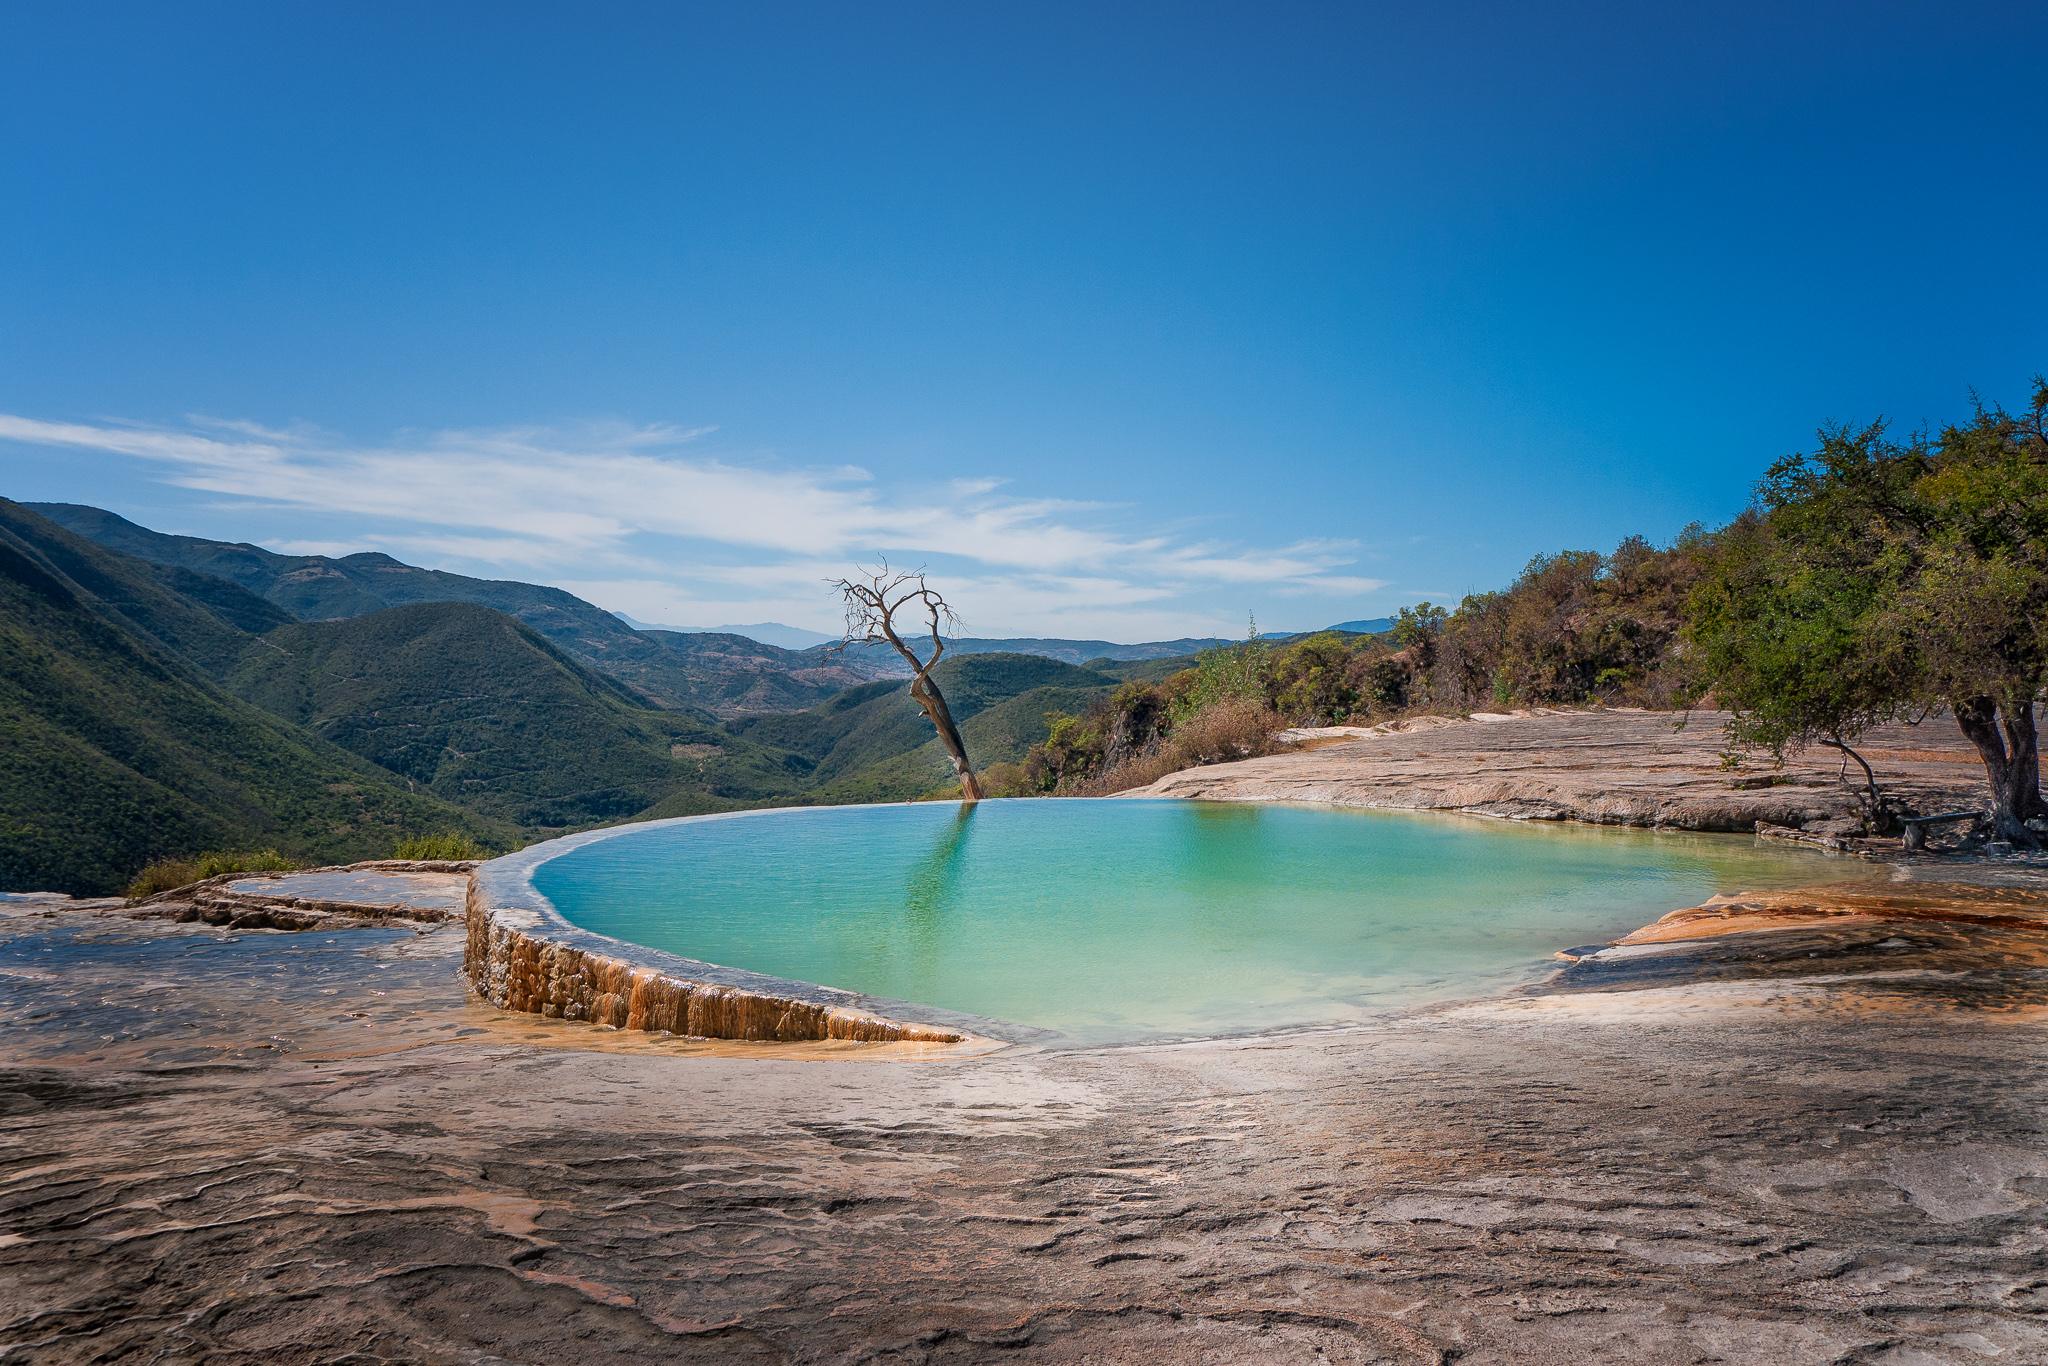 piscinas naturais mais incríveis do mundo - Hierve El Agua, Oaxaca, Mexico